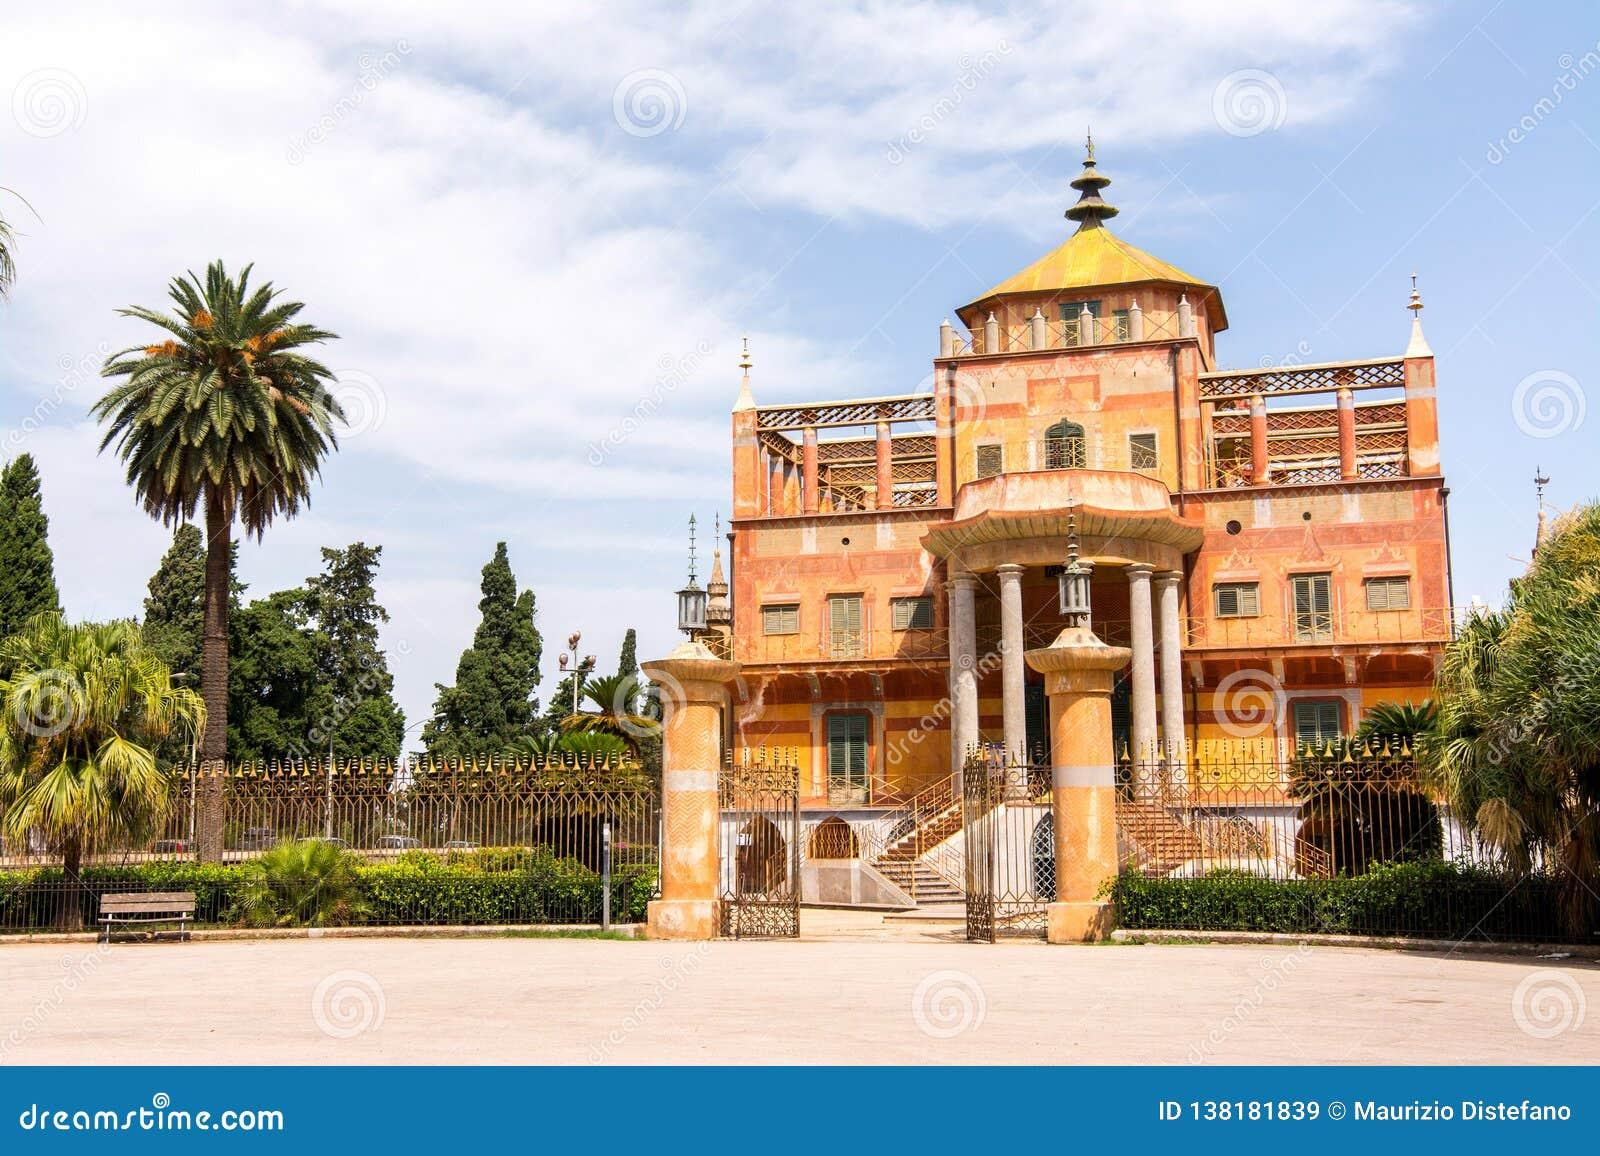 Costruzione cinese a Palermo, Sicilia,